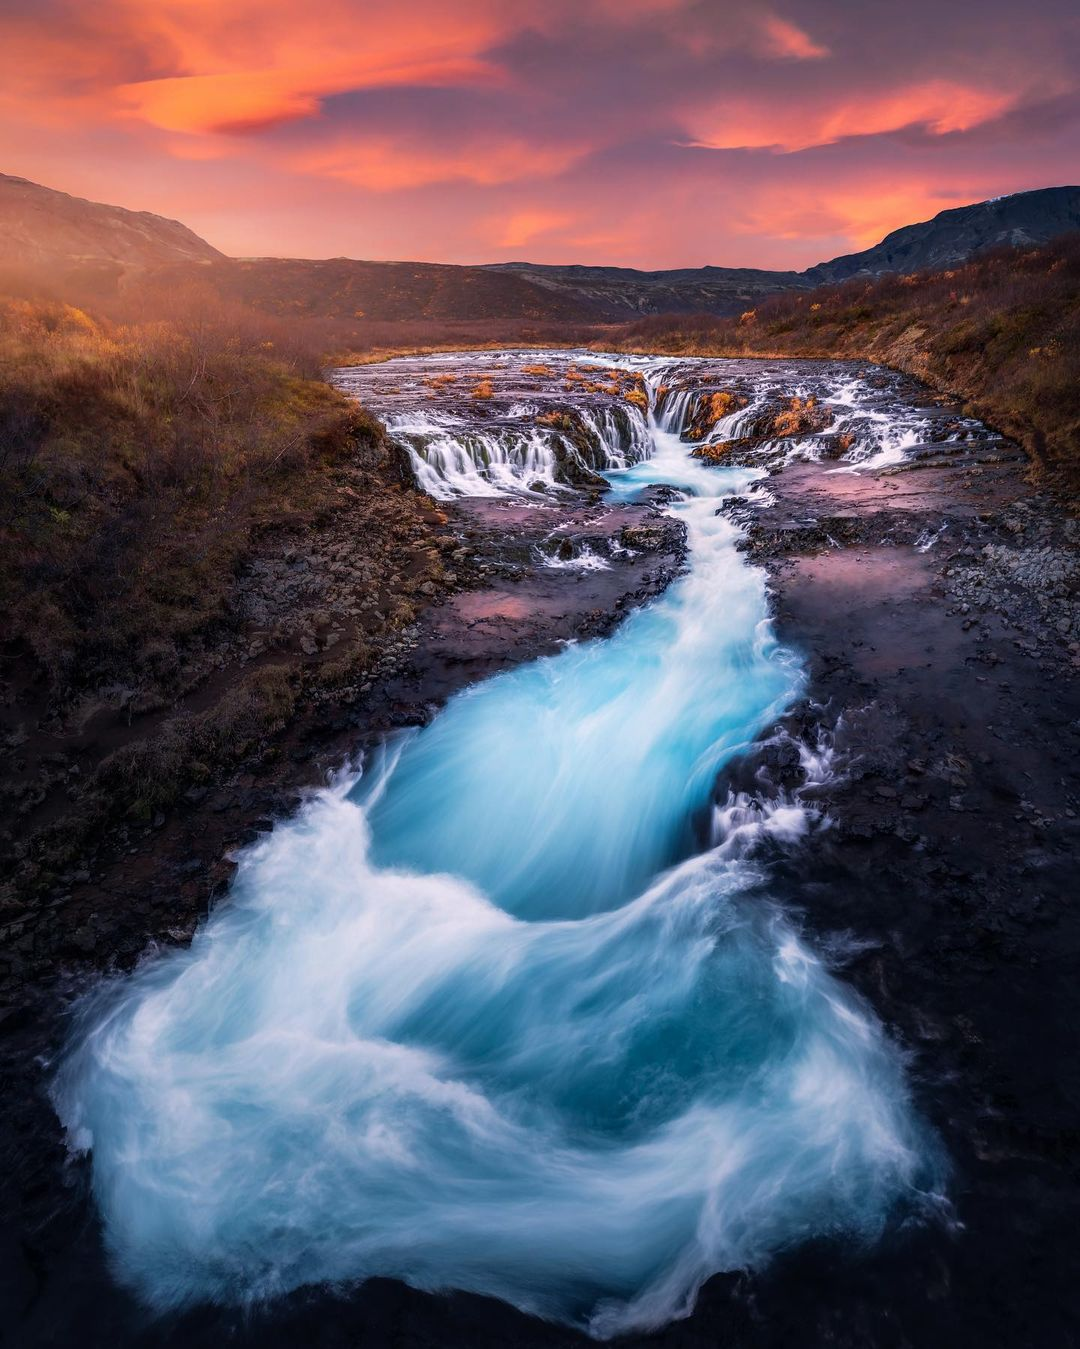 Атмосферные пейзажные снимки от Филиппа Хребенда Природа